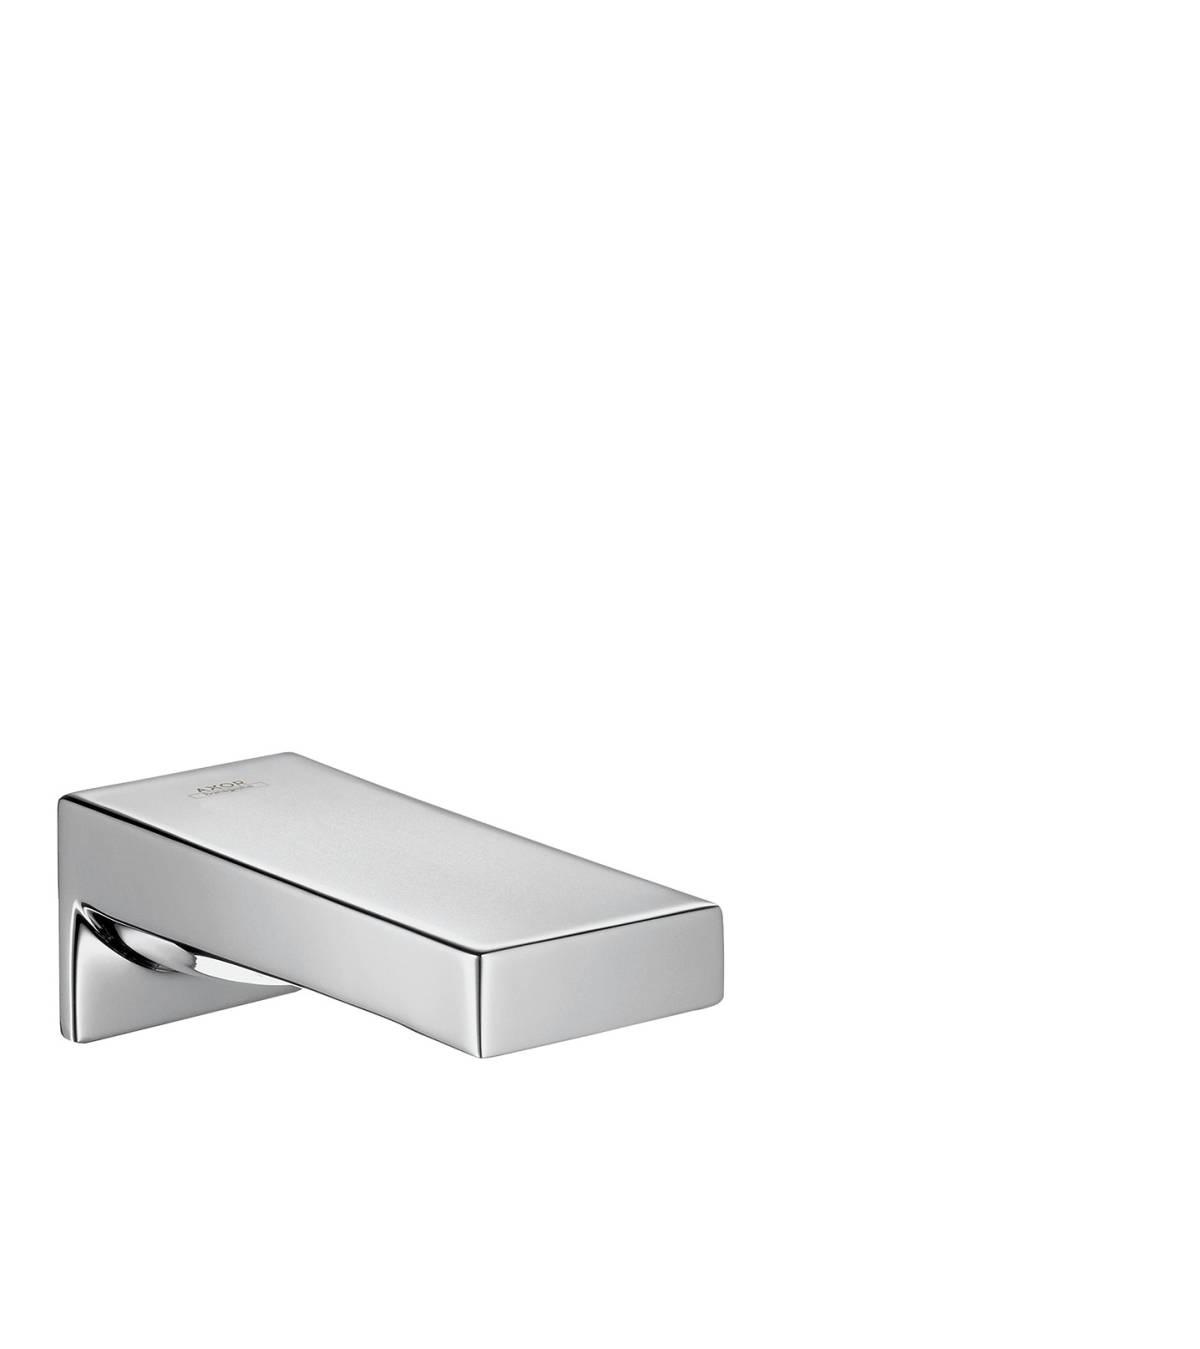 Caño de bañera, cromo, 10426000